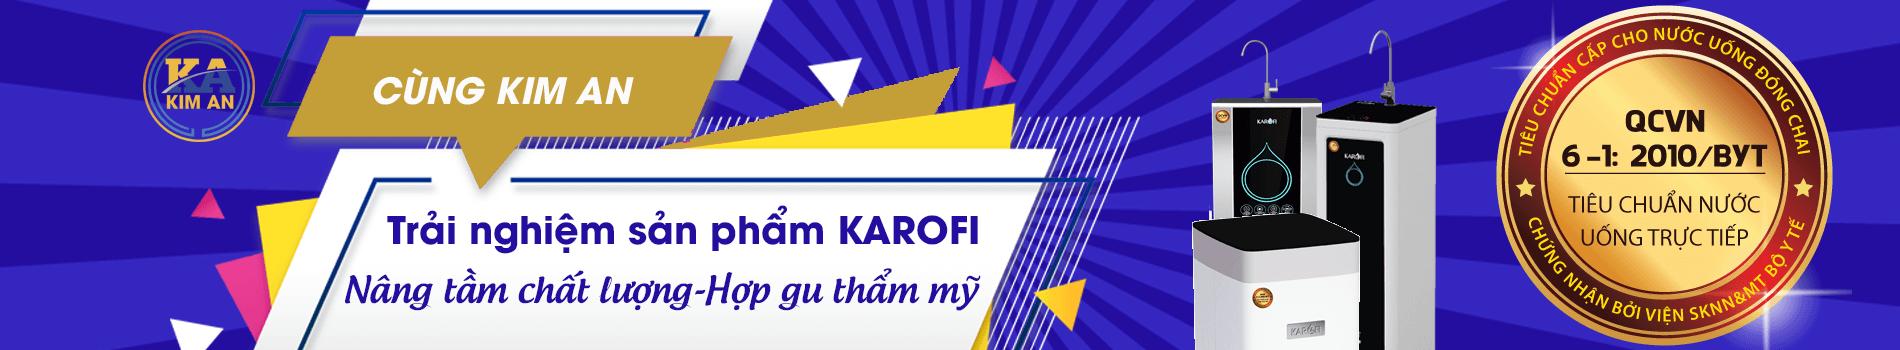 may loc nuoc KAROFI NANG TAM CHAT LUONG 1 1